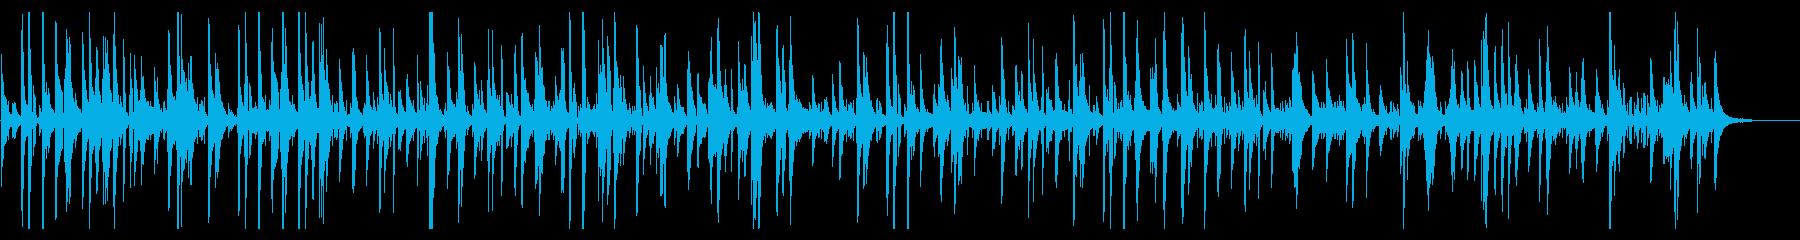 ジャズバーで流れるお洒落ピアノバラードの再生済みの波形